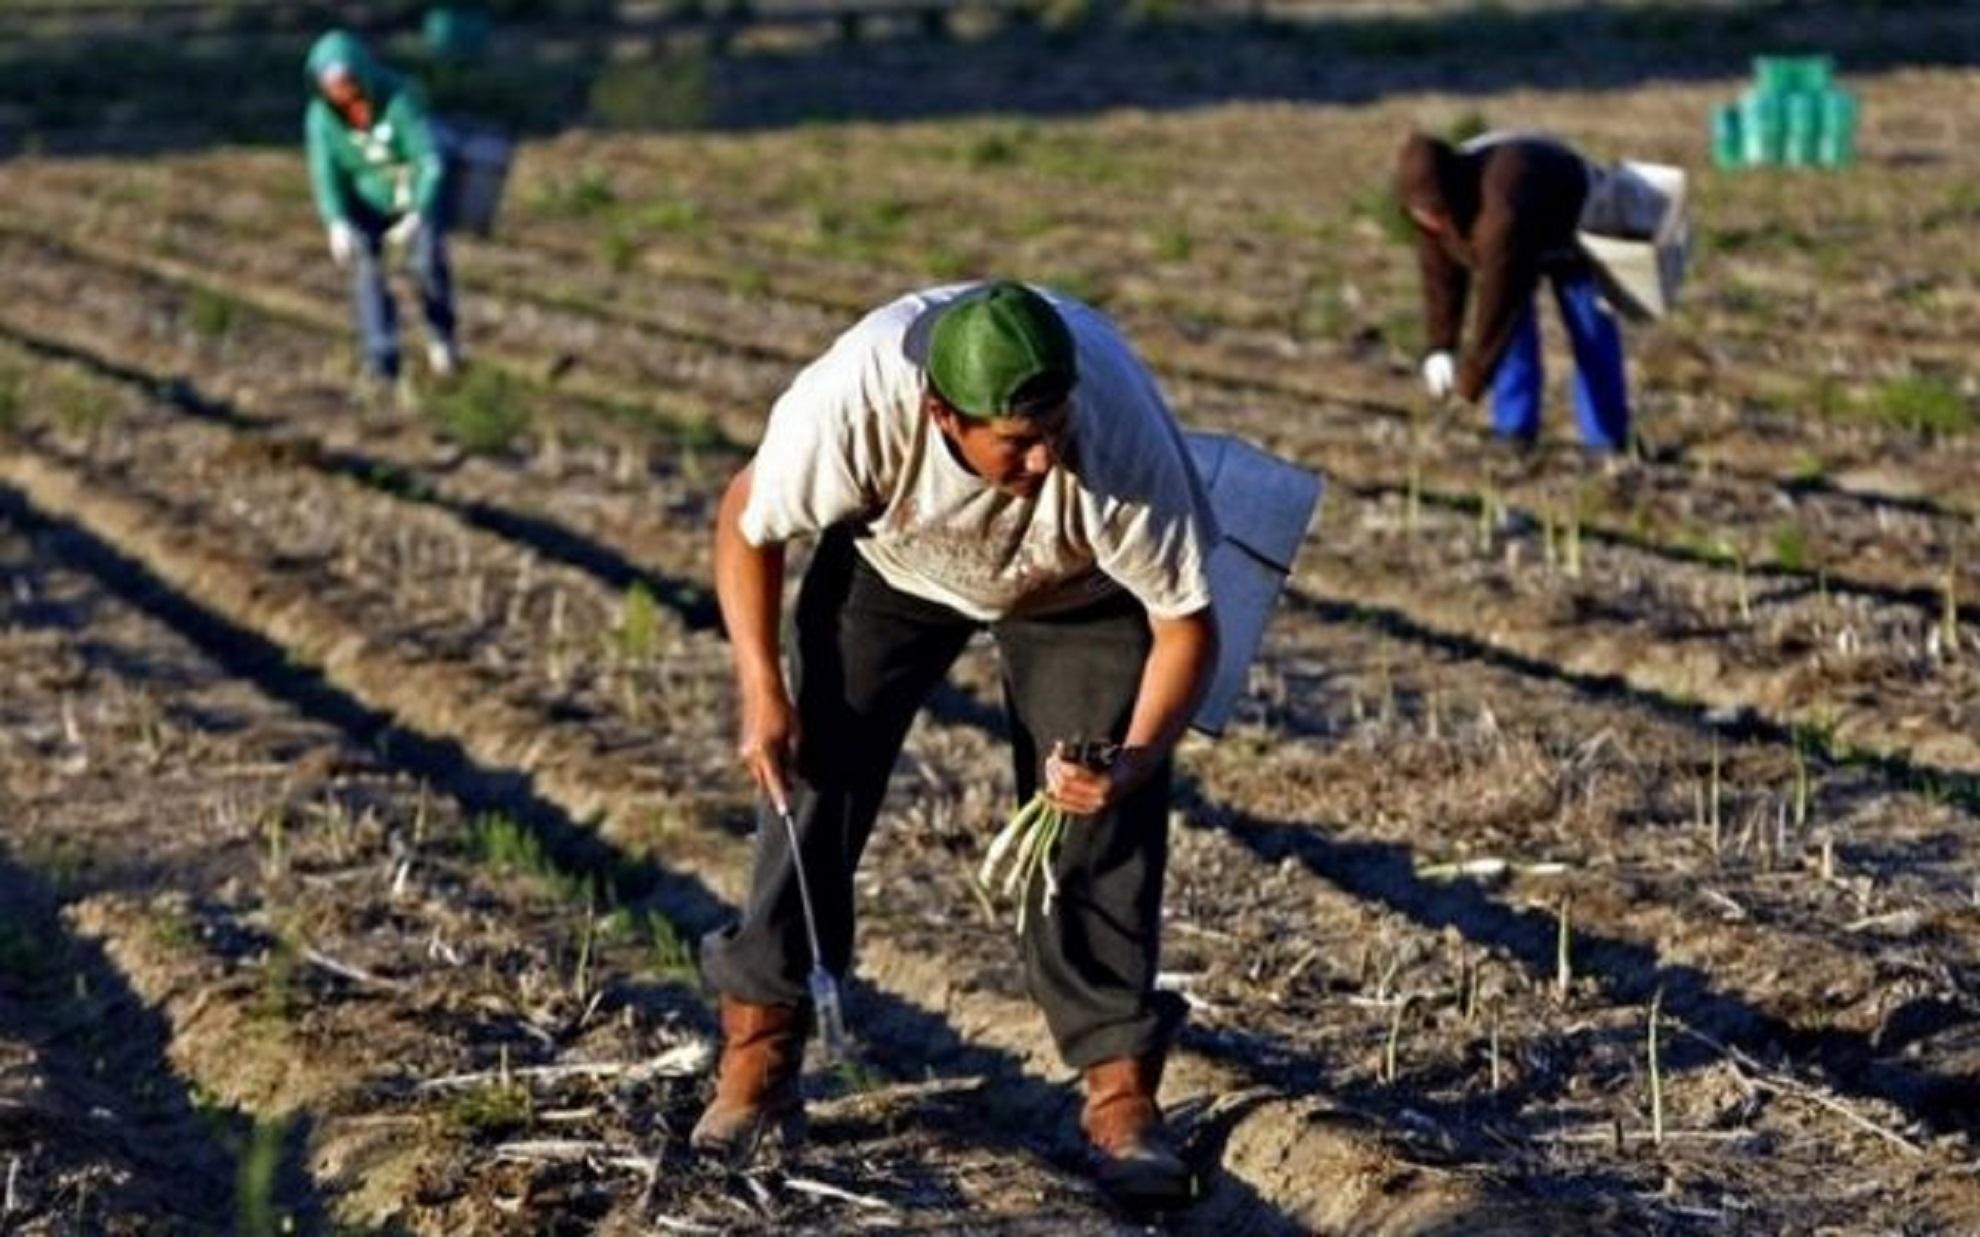 Muncitorii sezonieri din Europa: ce se va întâmpla cu ei? Parlamentul European ia decizia